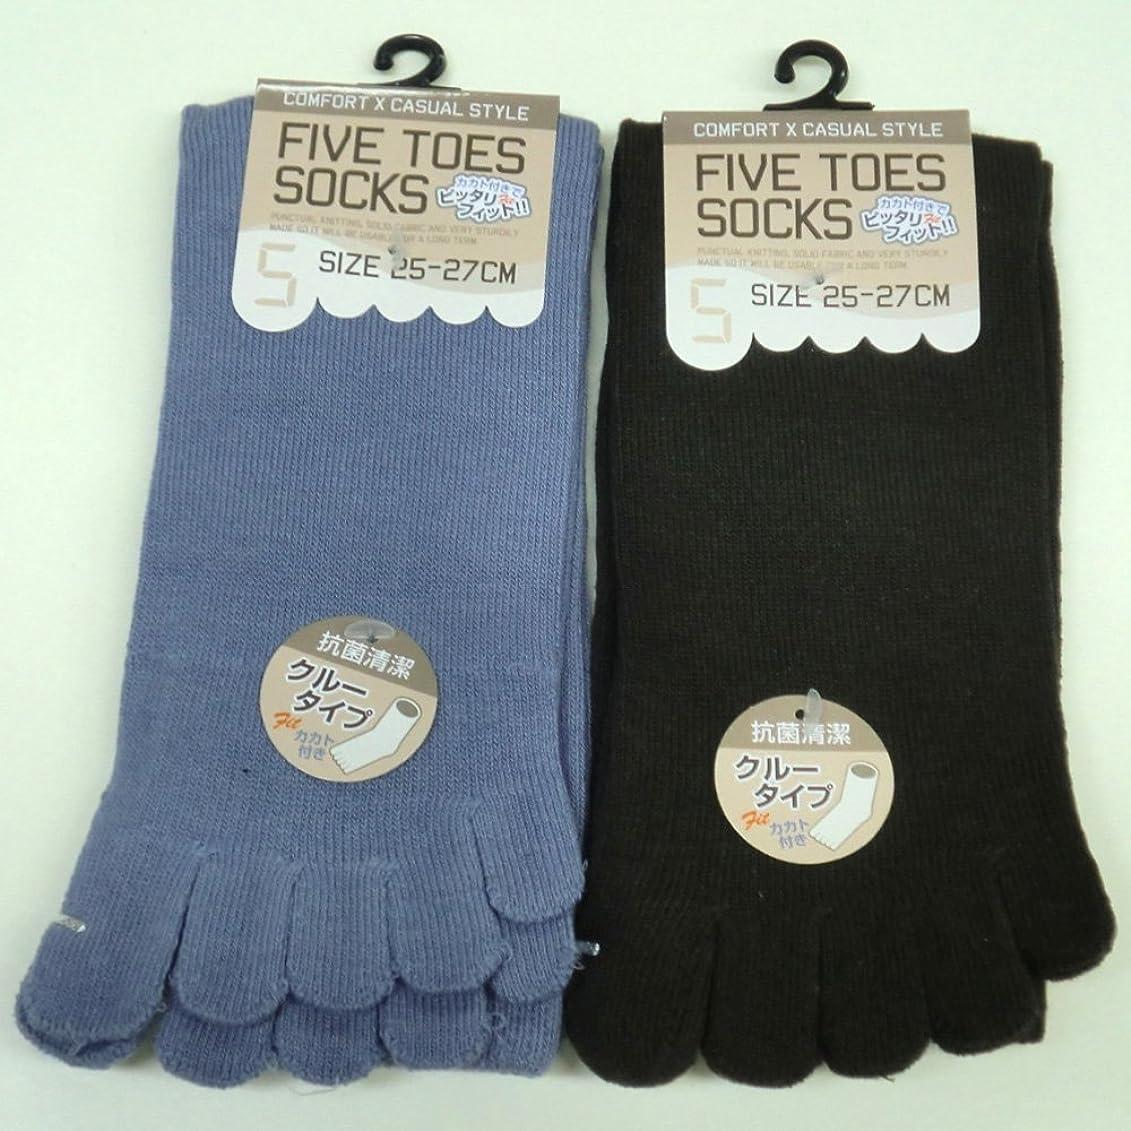 高度なロック解除溢れんばかりの5本指ソックス メンズ 綿混 蒸れない快適 5本指靴下 かかと付 25-27cm 5足組(色はお任せ)